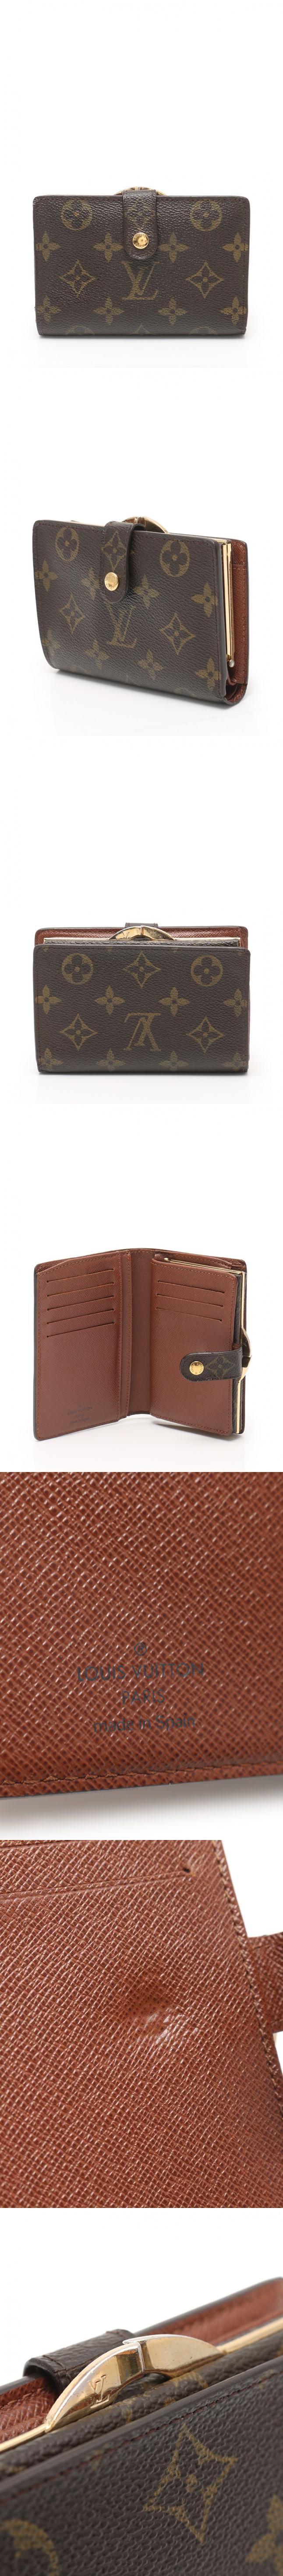 二つ折りガマ口財布 ポルトモネ ビエ ヴィエノワ モノグラム 茶 小物 PVC レザー M61663